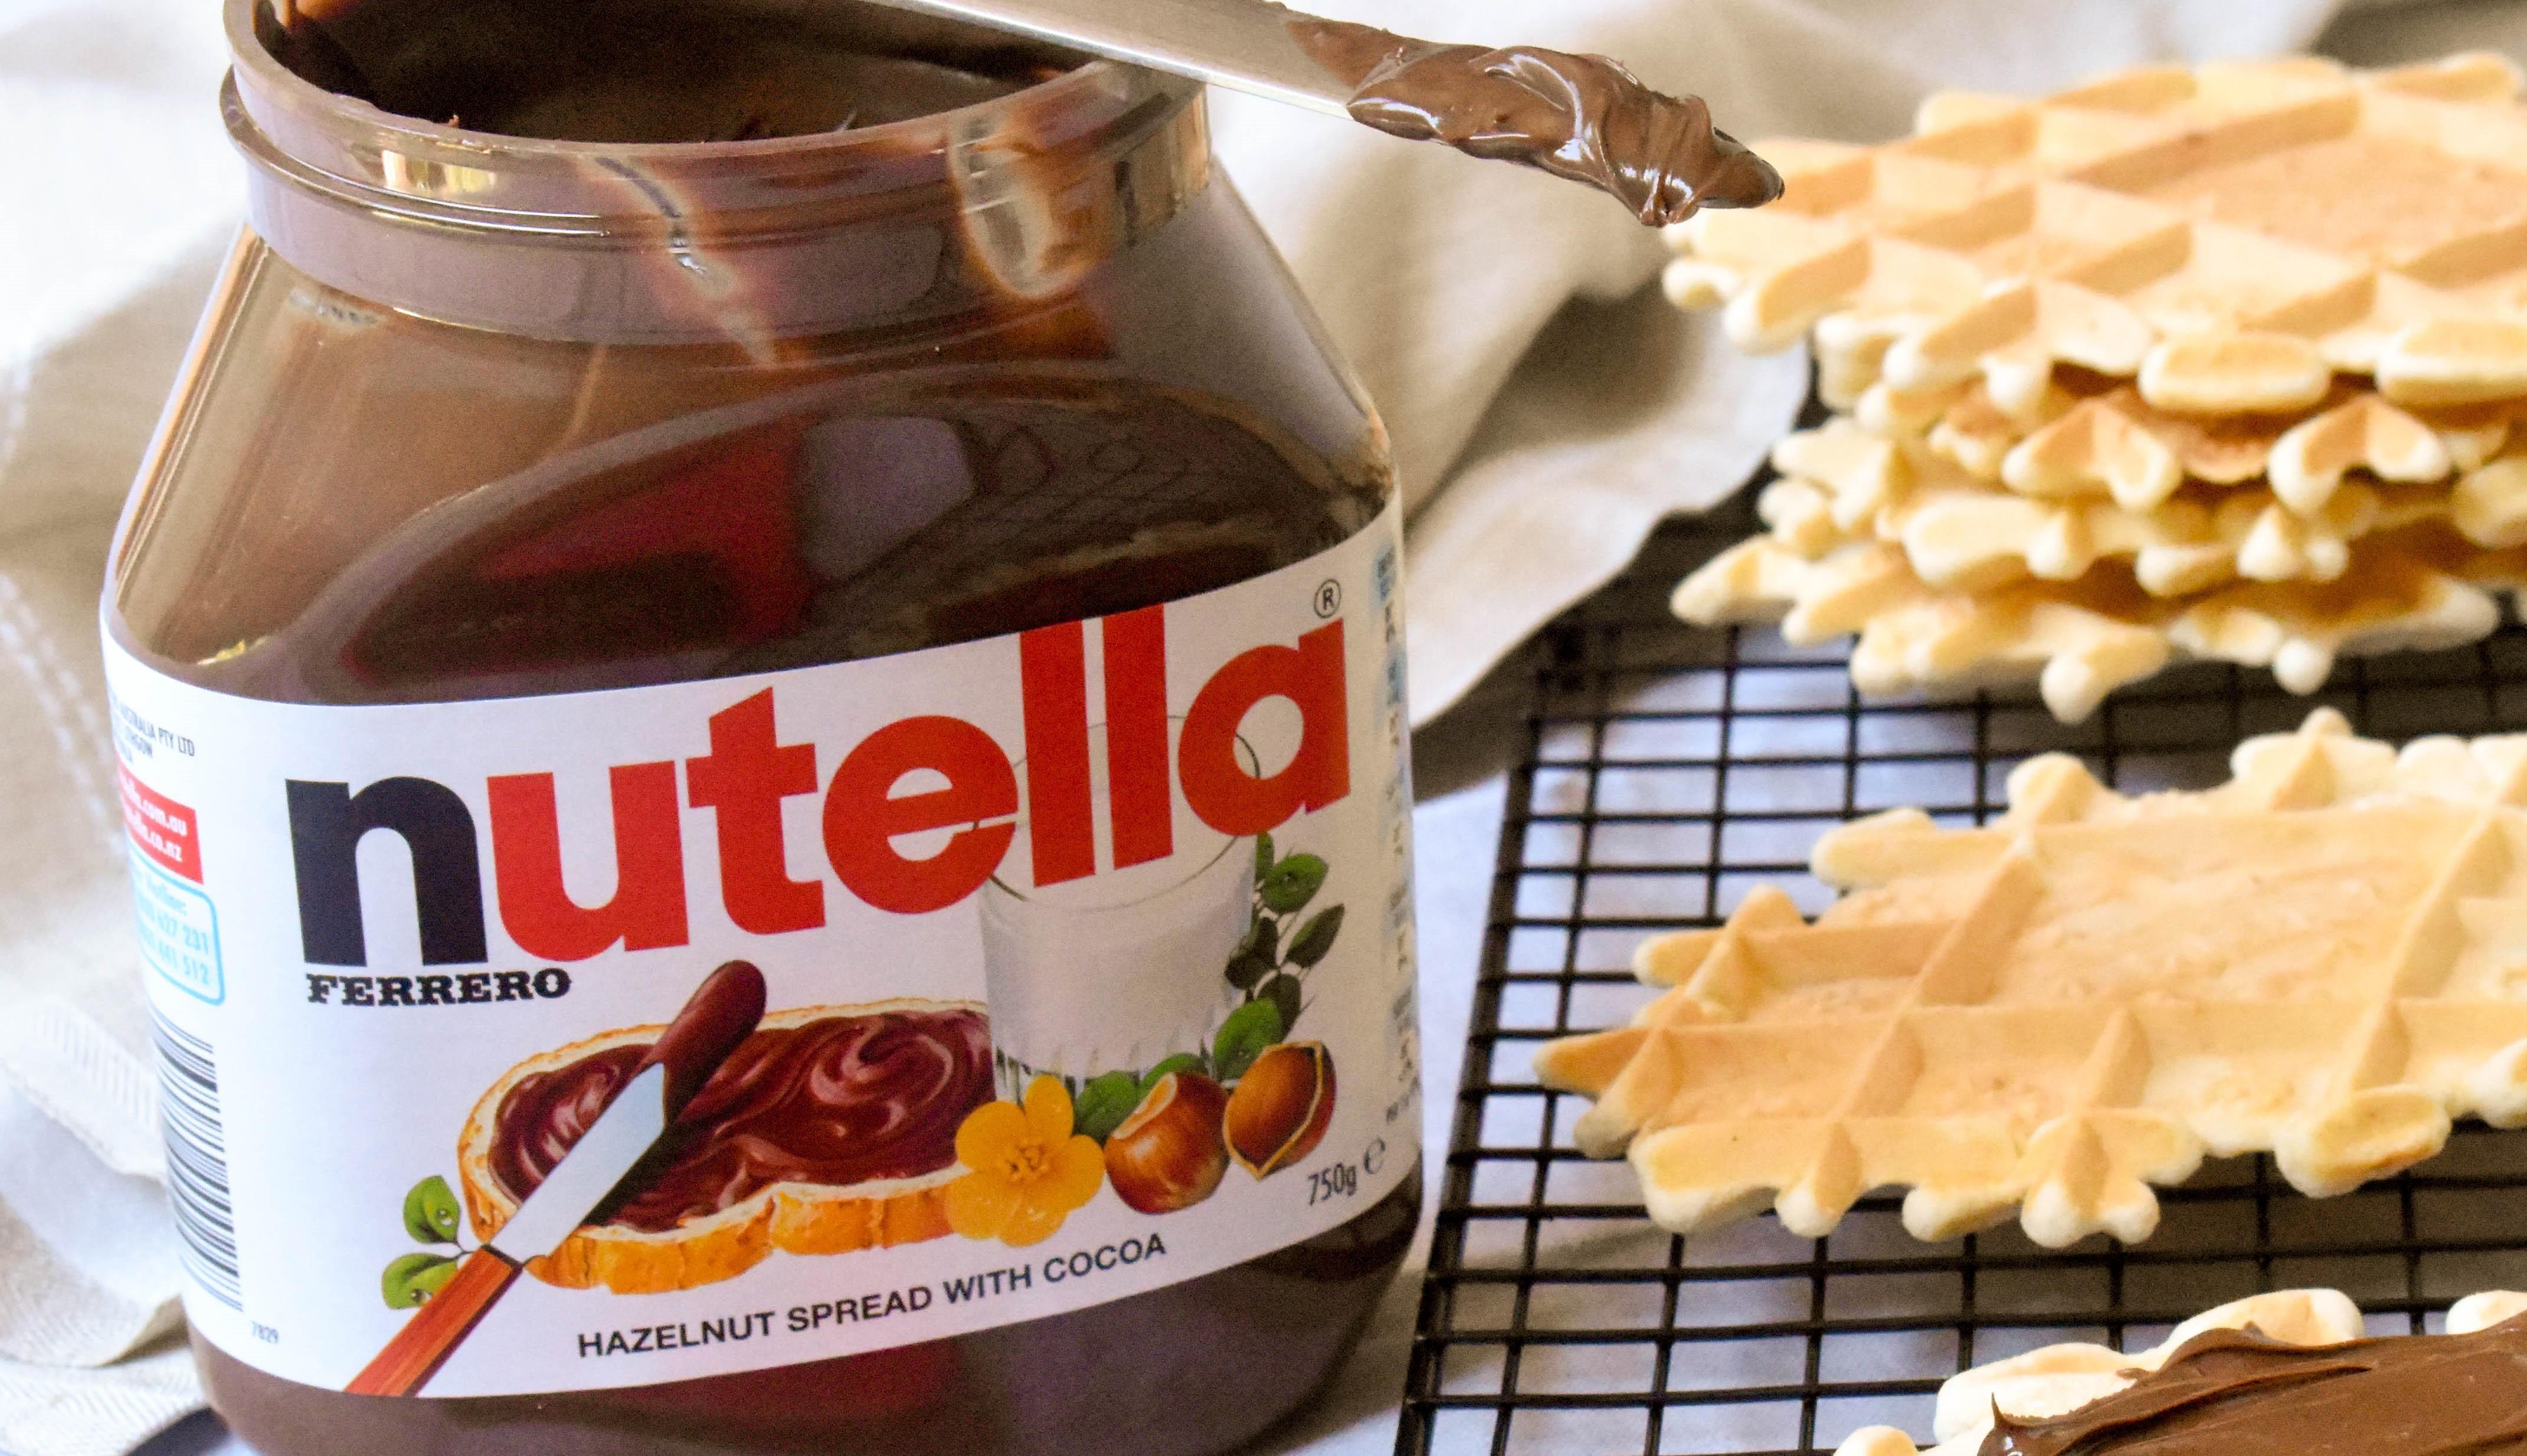 Nutella: Top 5 Nutella recipes to celebrate World Nutella Day!